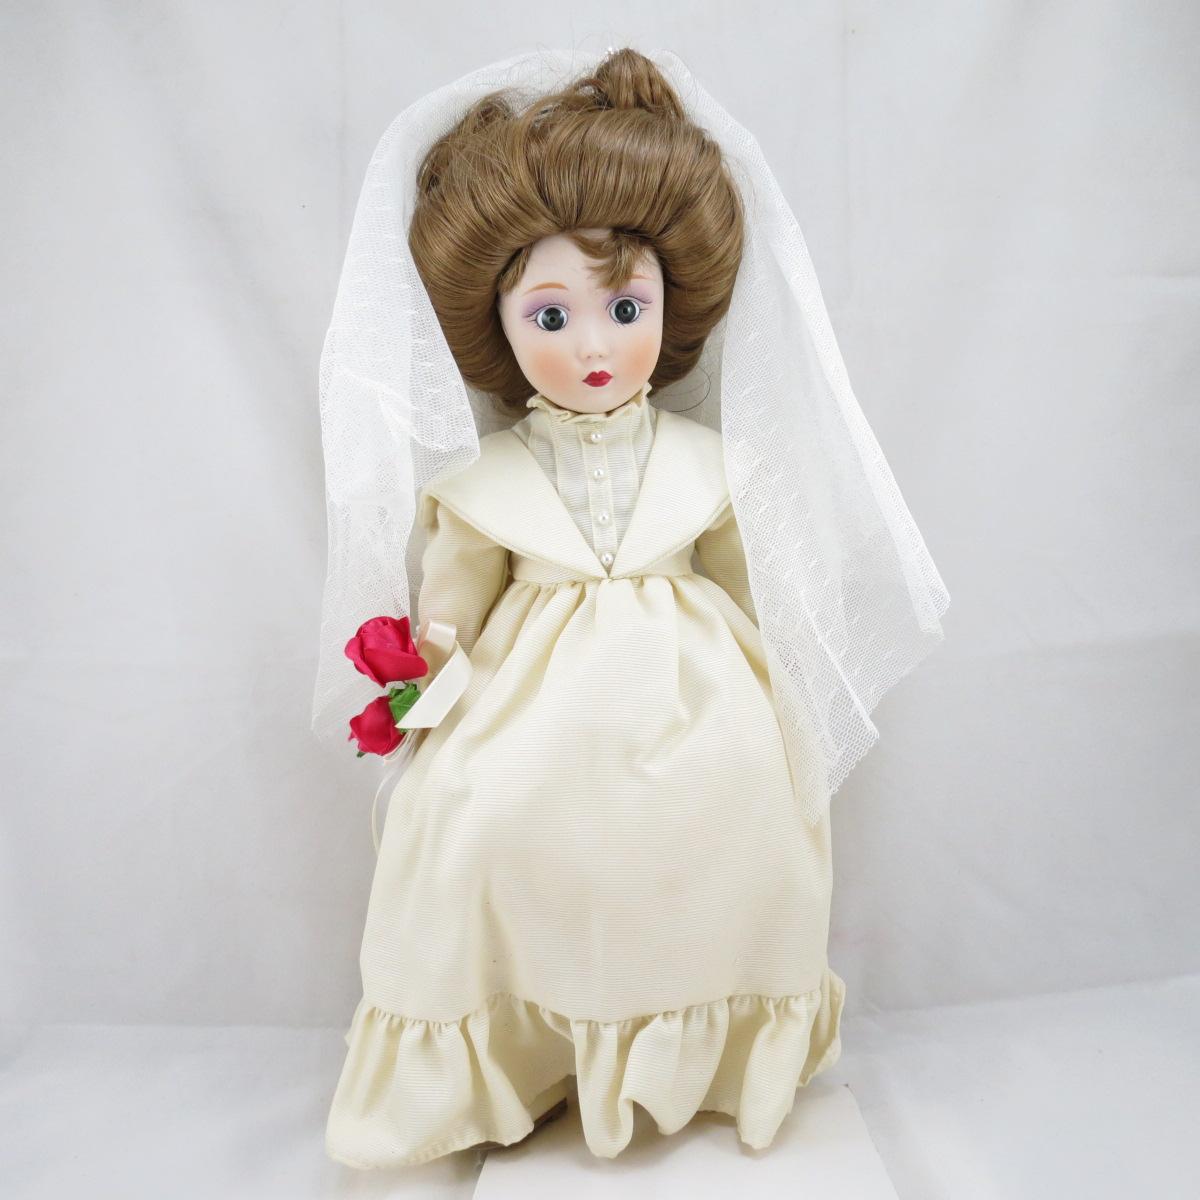 """Декоративная коллекционная фарфоровая кукла из серии """"Невесты Америки"""".  Название куклы - Екатерина. Невеста Гибсона.  Фирма производитель - Danbury Mint, США. Высота Куклы - 33см. Сохранность - Очень хорошая, без сколов, трещин и царапин.  Используется исключительно в декоративных целях.  Коробка не является декоративной и предназначена для пересылки по почте, так что, может иметь пометки и потёртости, учитывая возраст куклы."""